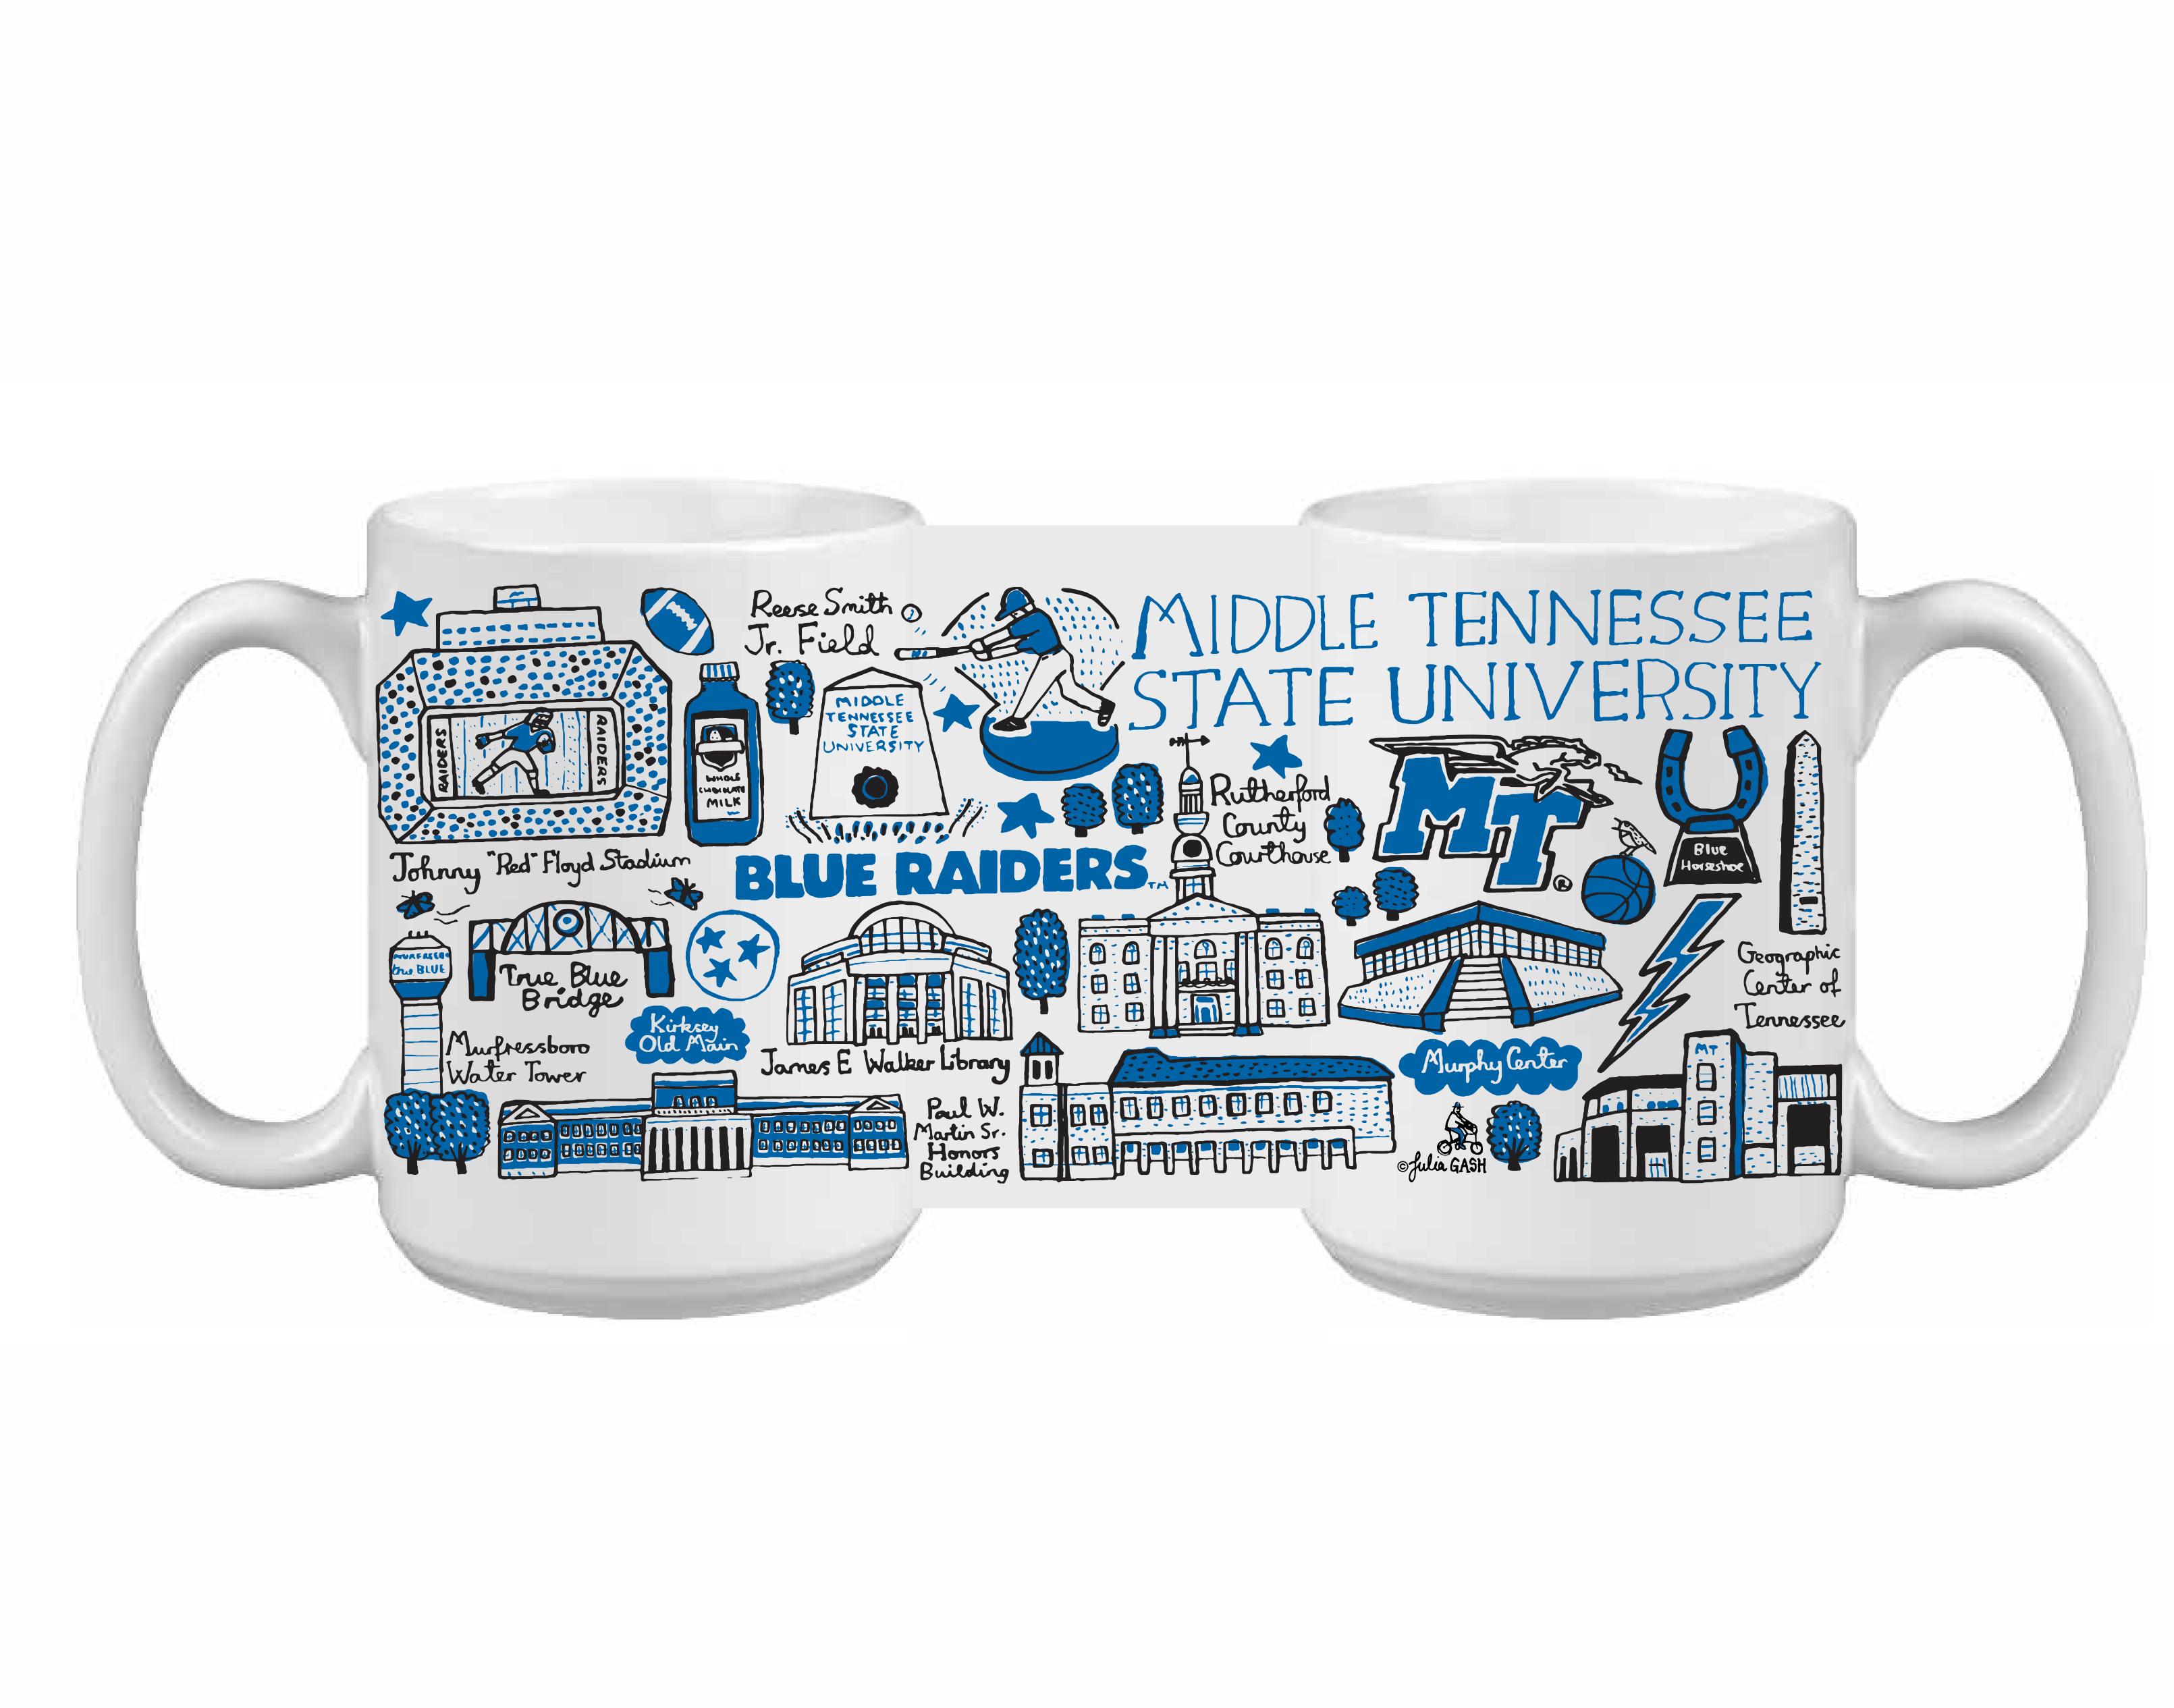 MTSU Julia Gash 15 oz Impact Mug